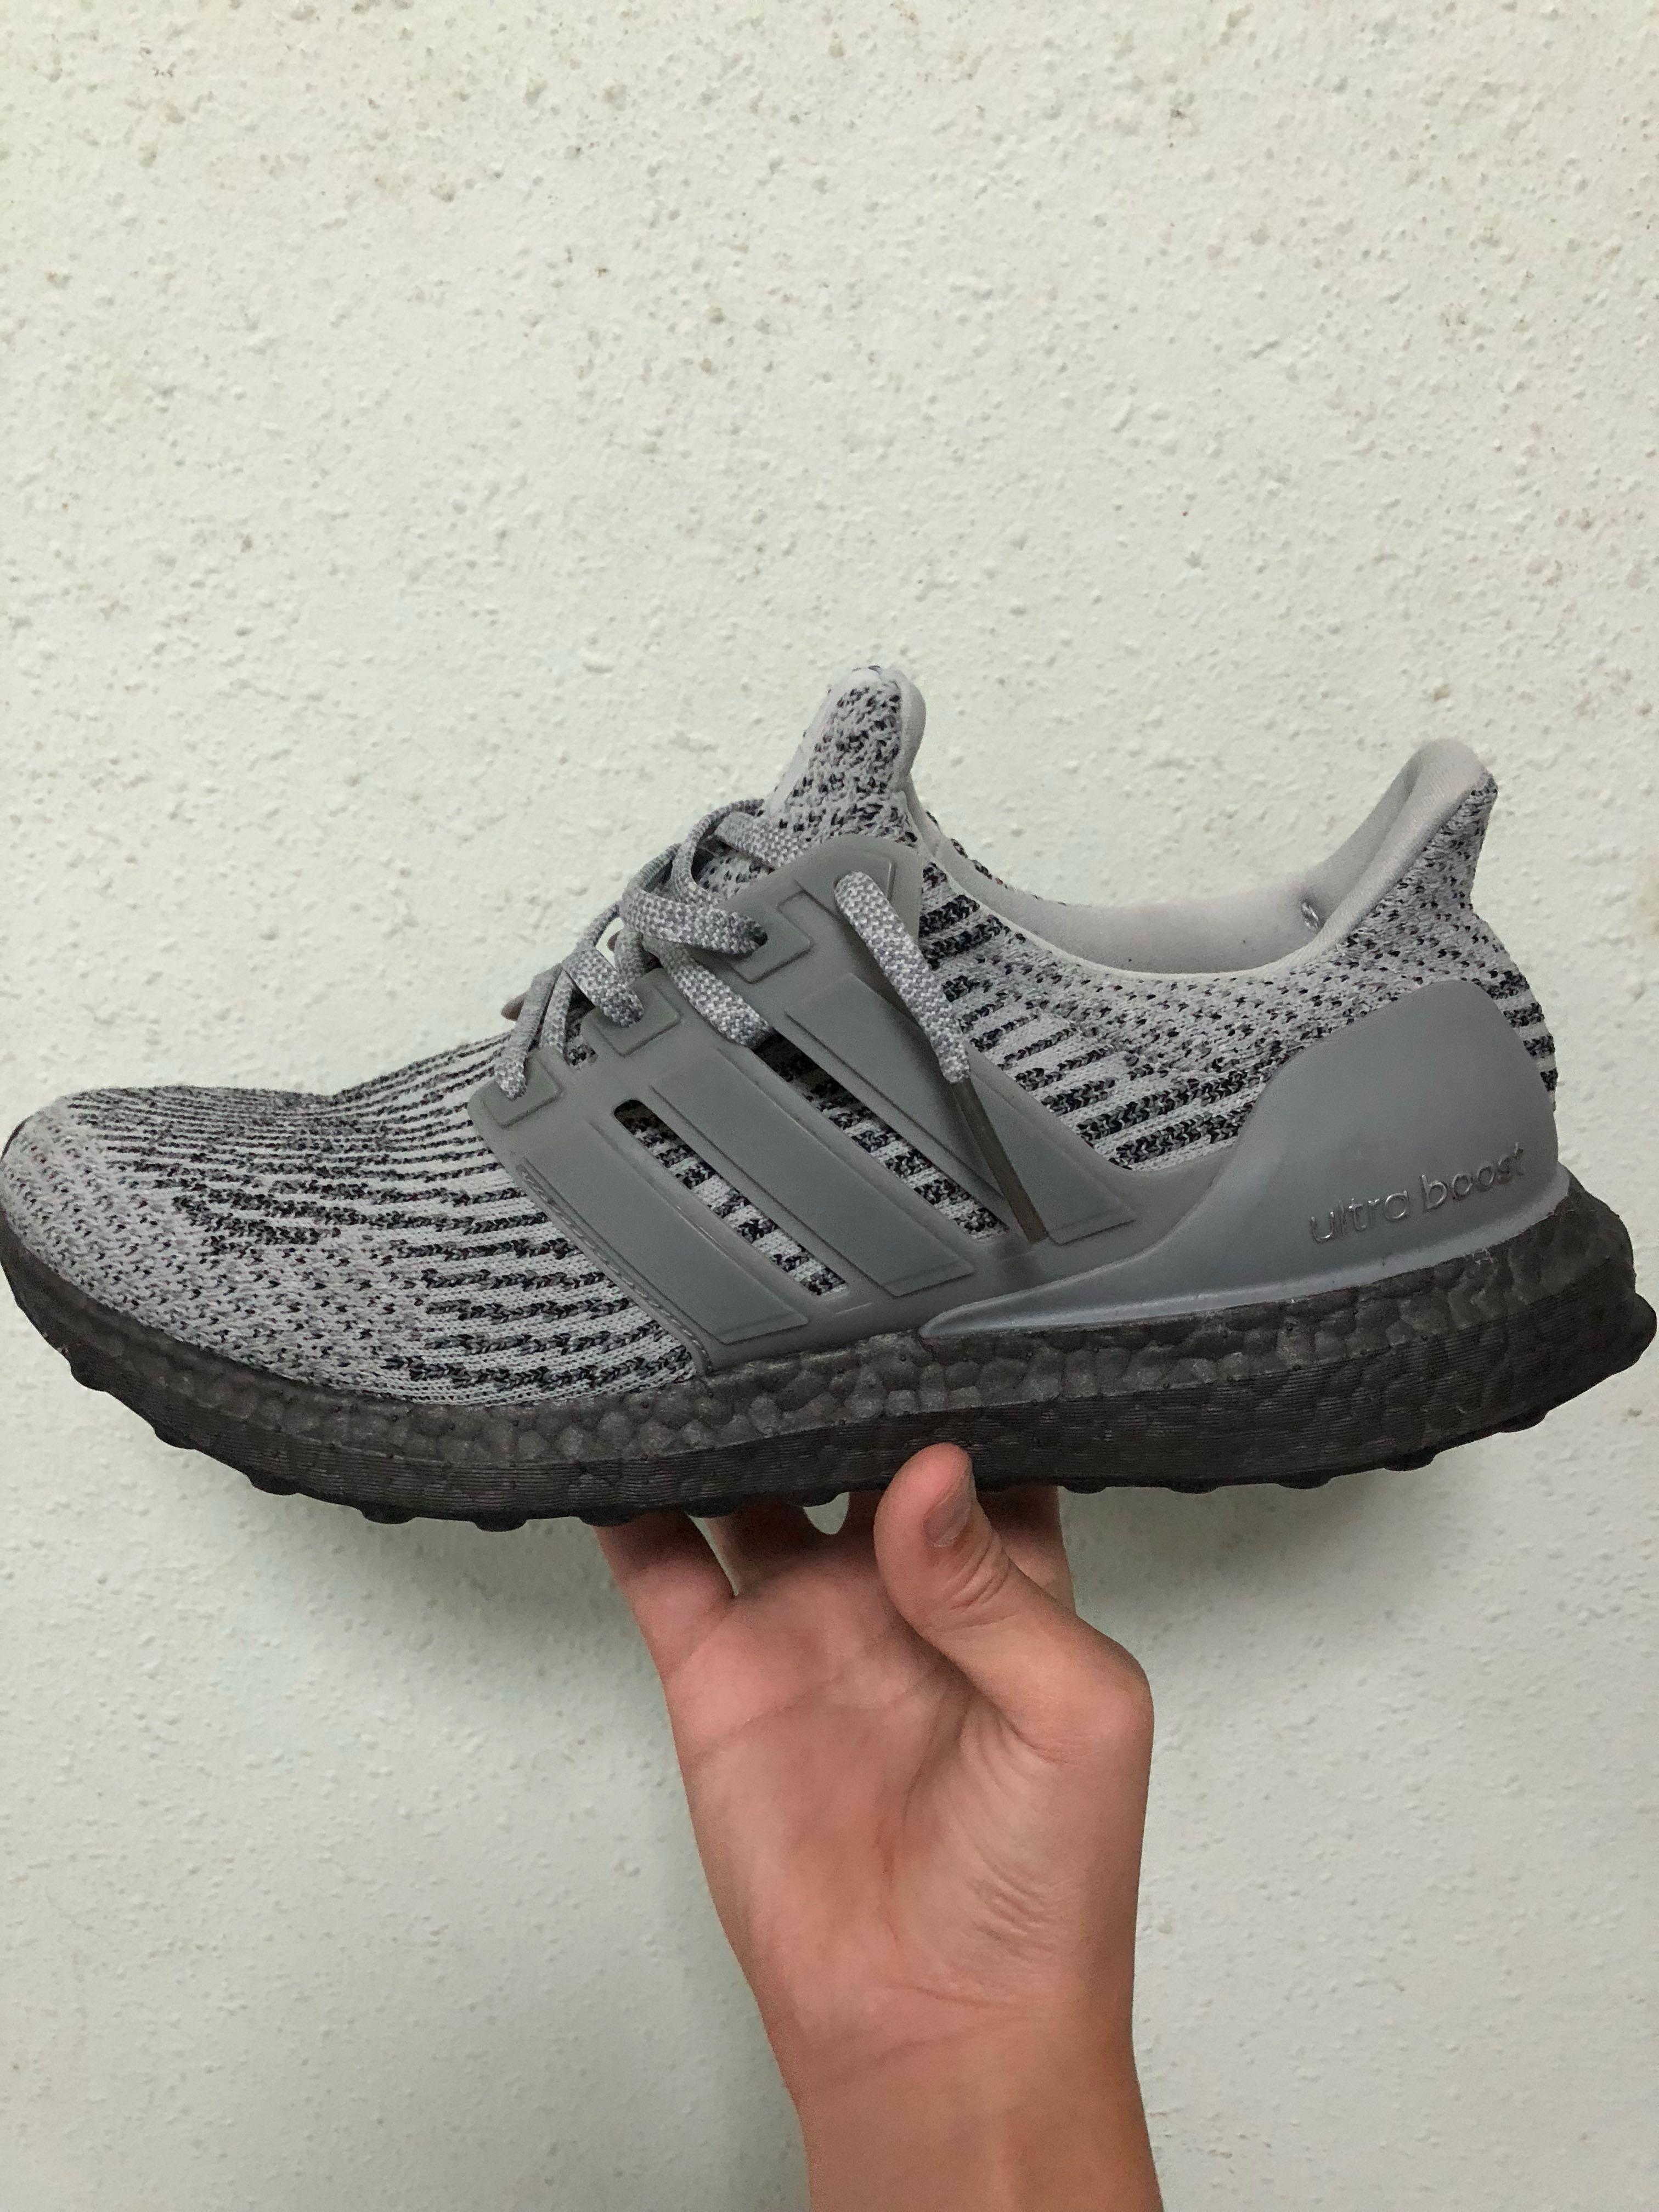 2c597437bb4 Adidas UltraBoost 3.0 Triple Grey